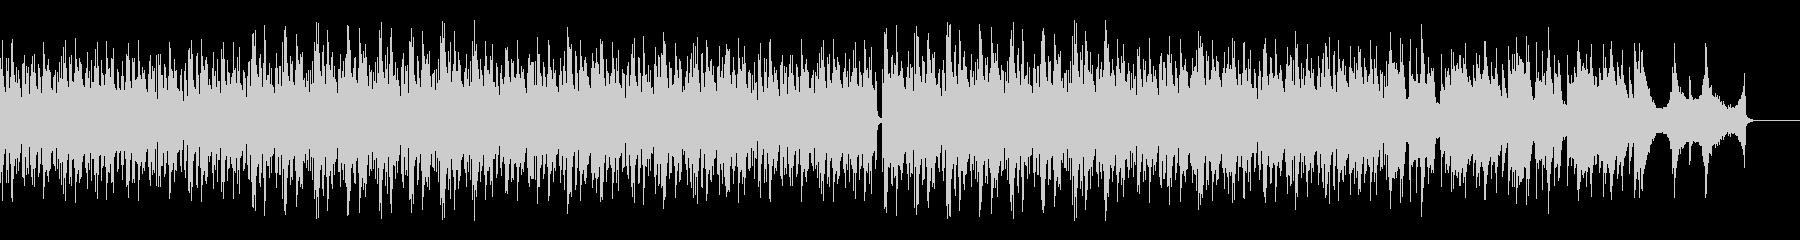 推理サスペンス、ジャズD シンプルの未再生の波形